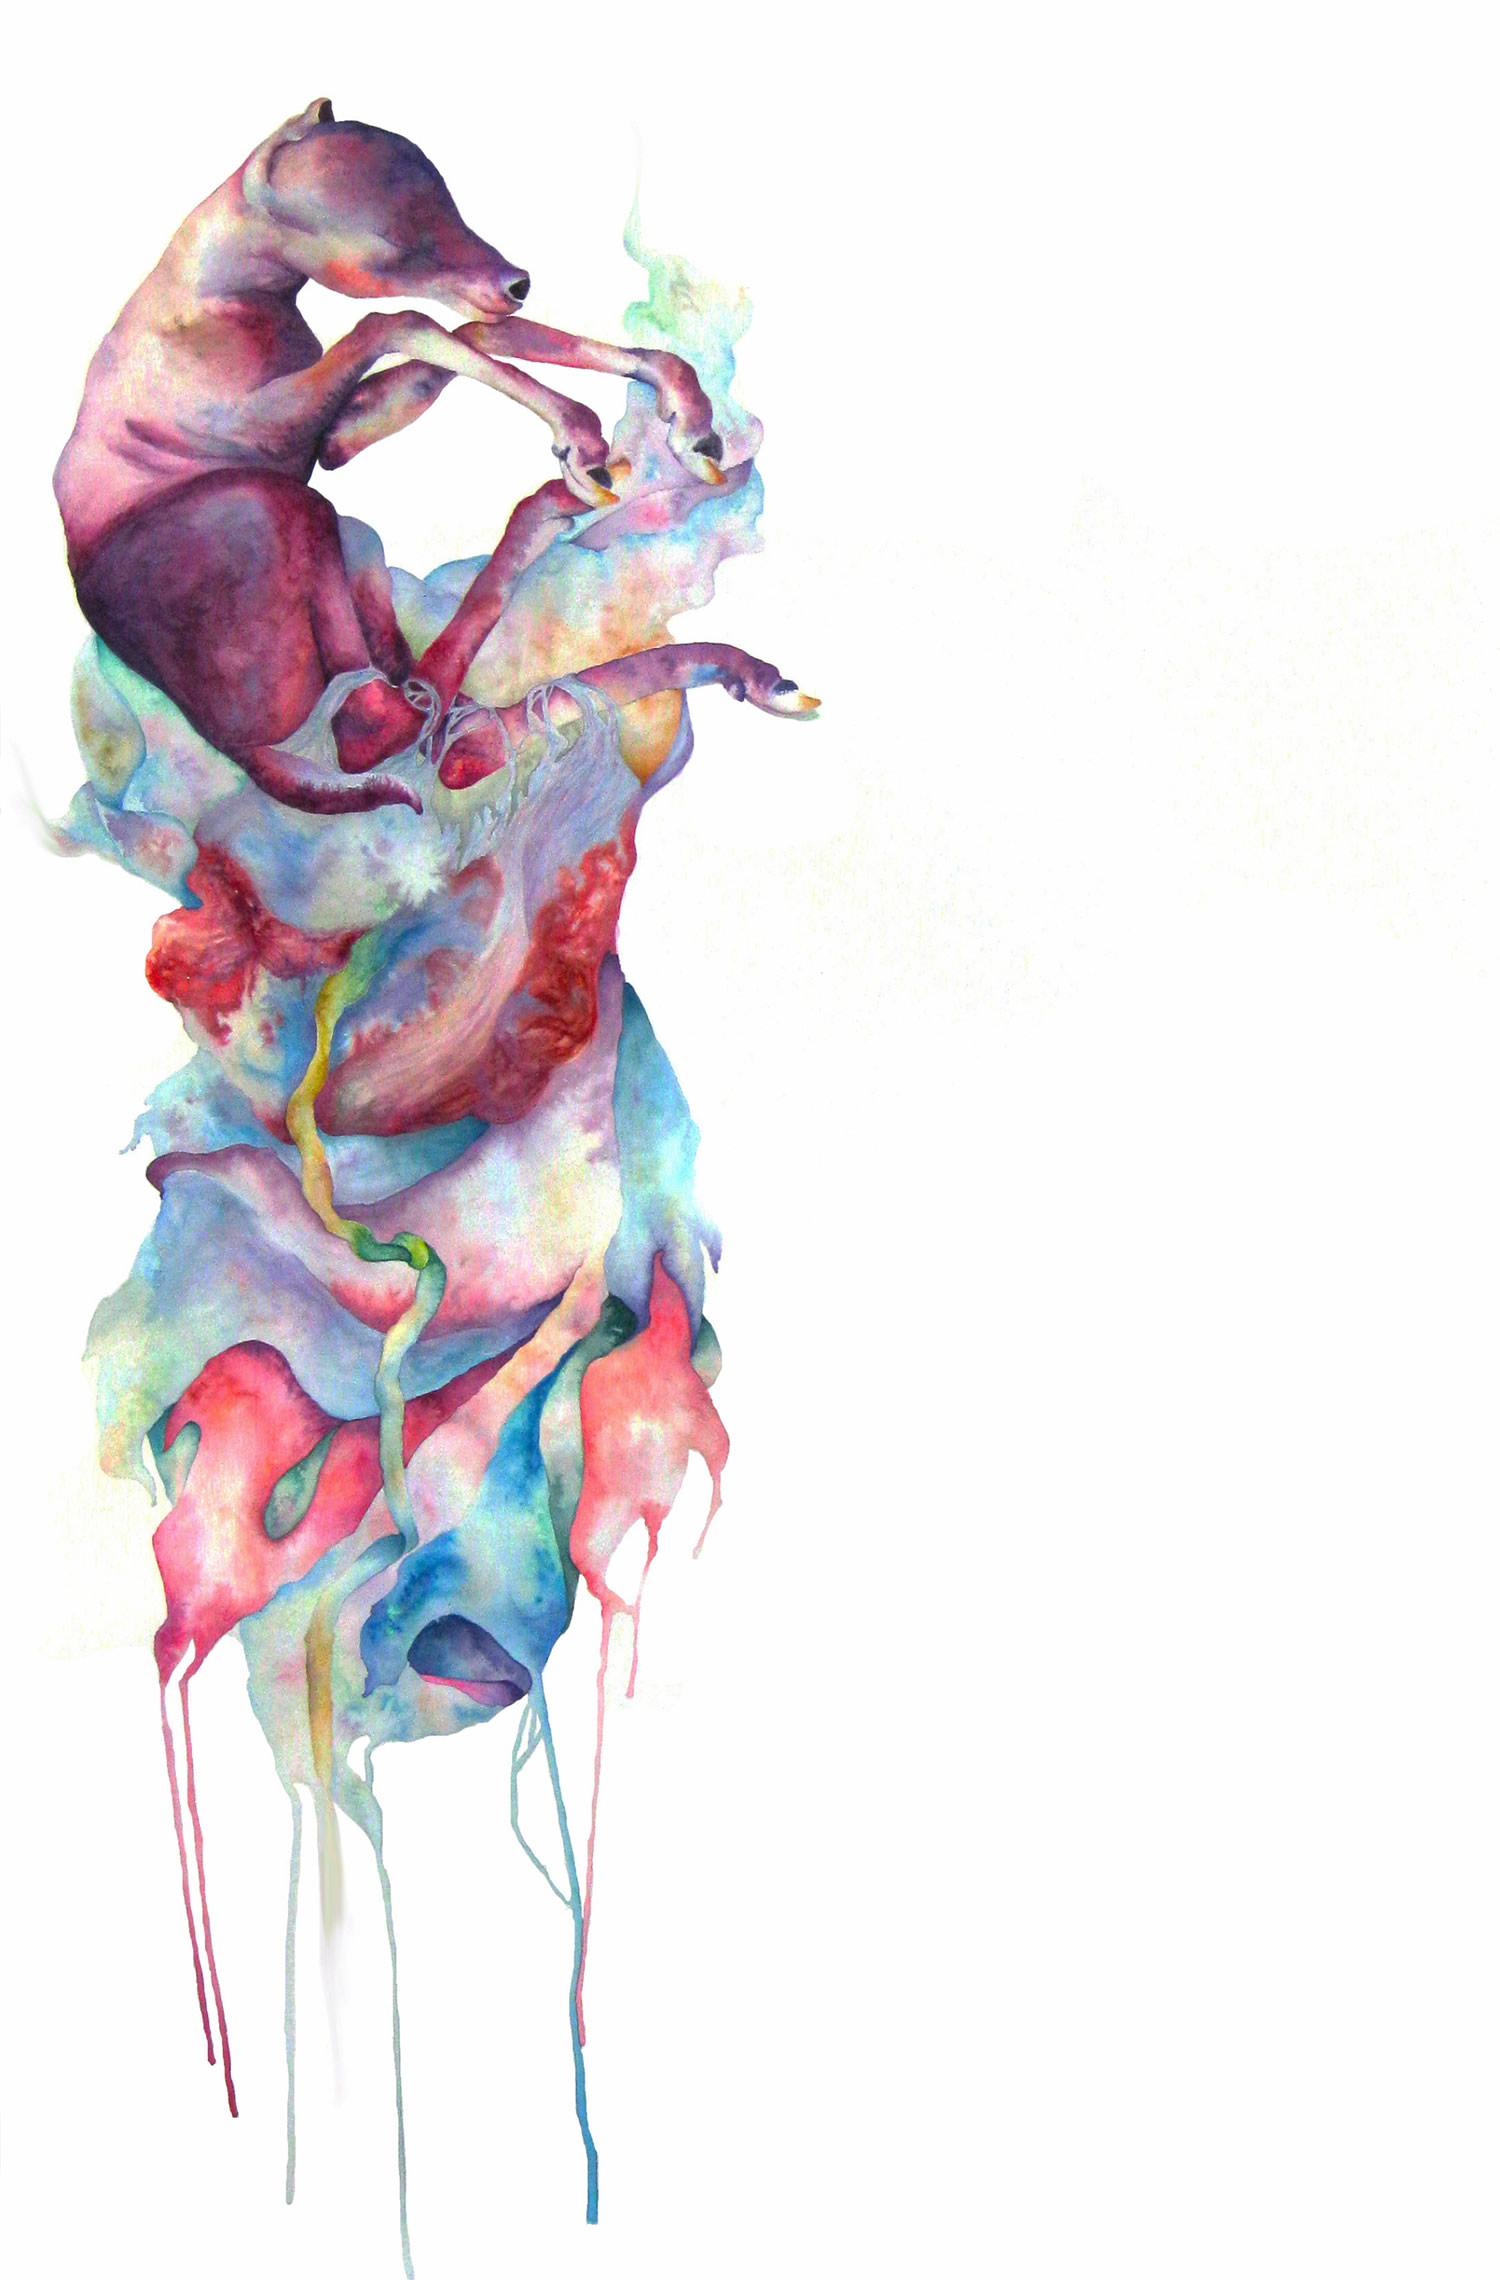 pure, watercolor painting by hannah ward